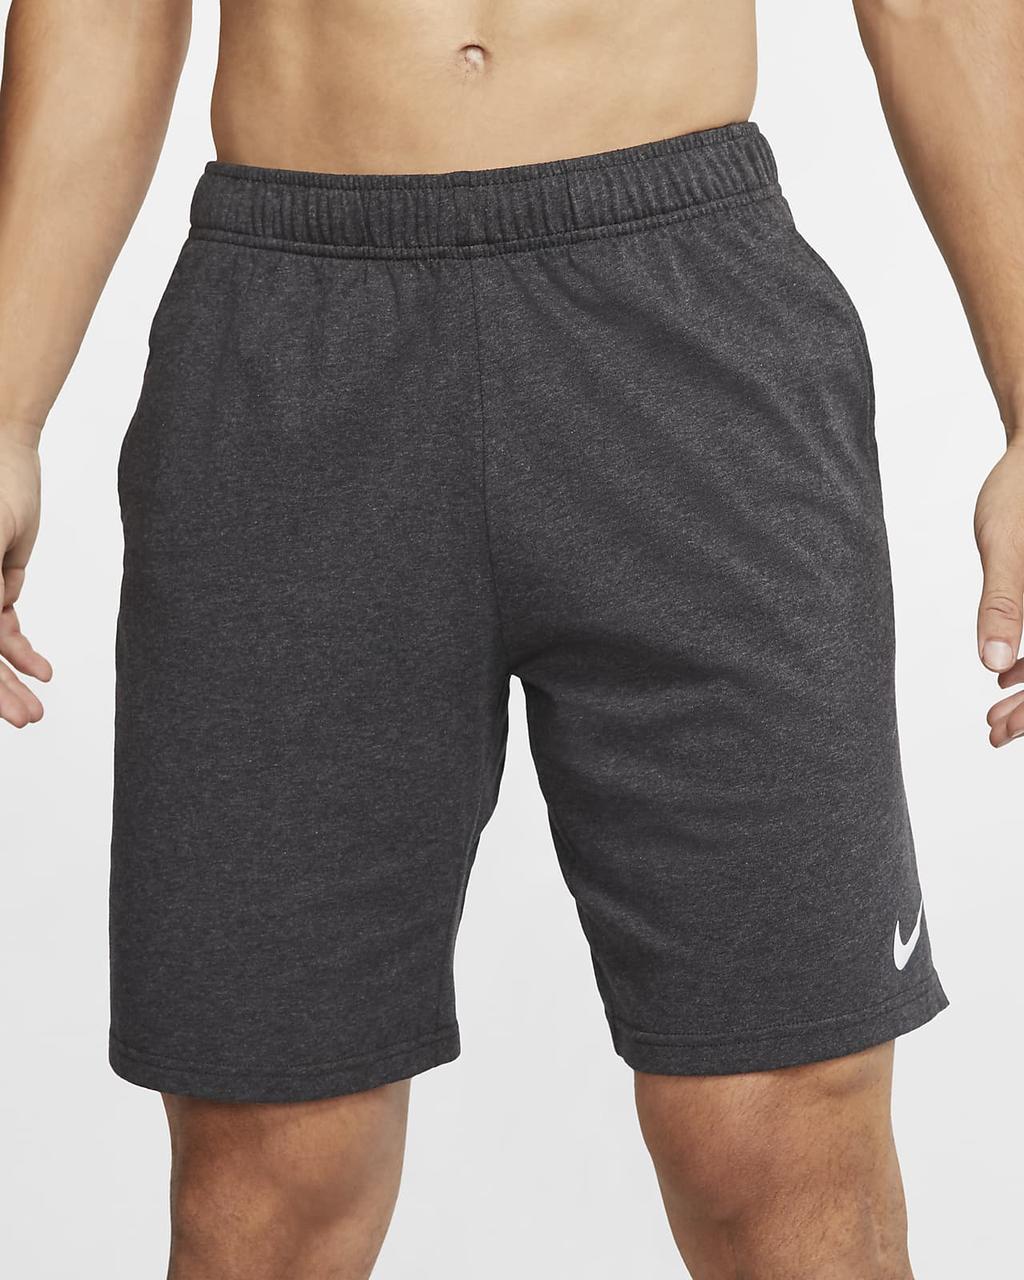 Шорти чоловічі Nike M Nk Dry Fit Cotton 2.0 сірі (CJ2044-032)